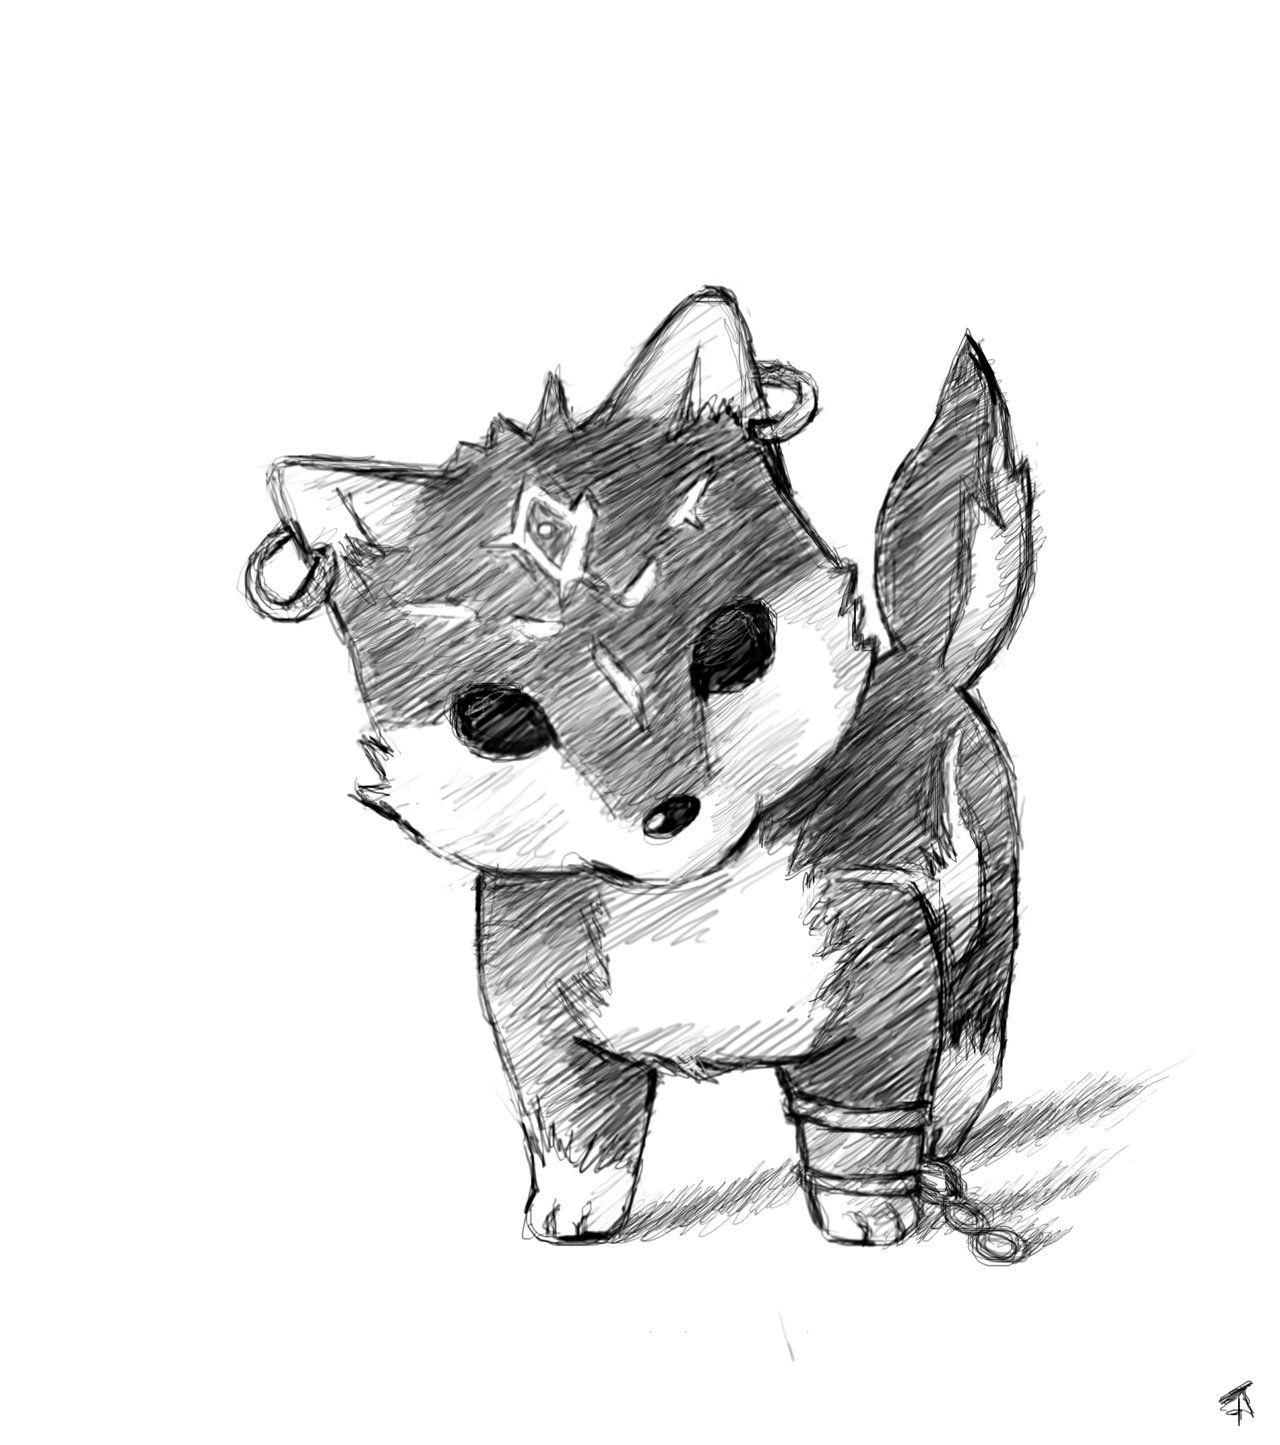 Wolf Link Chibi By Franziloni Deviantart Com On Deviantart Gezeichnet